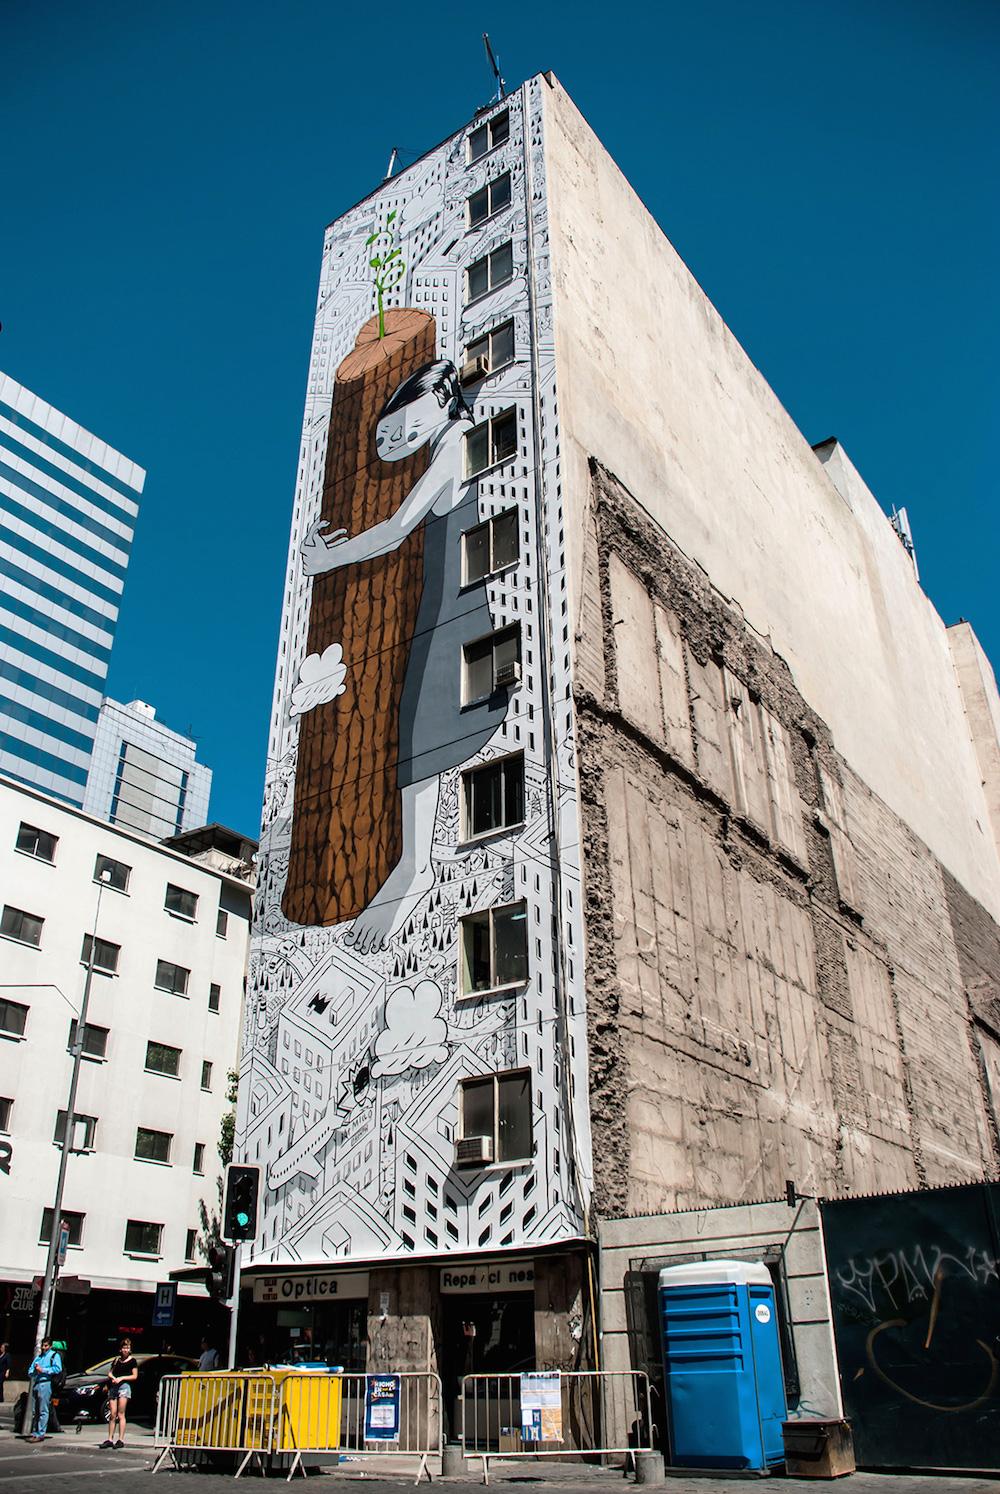 murales-enorme-santiago-del-cile-millo-6